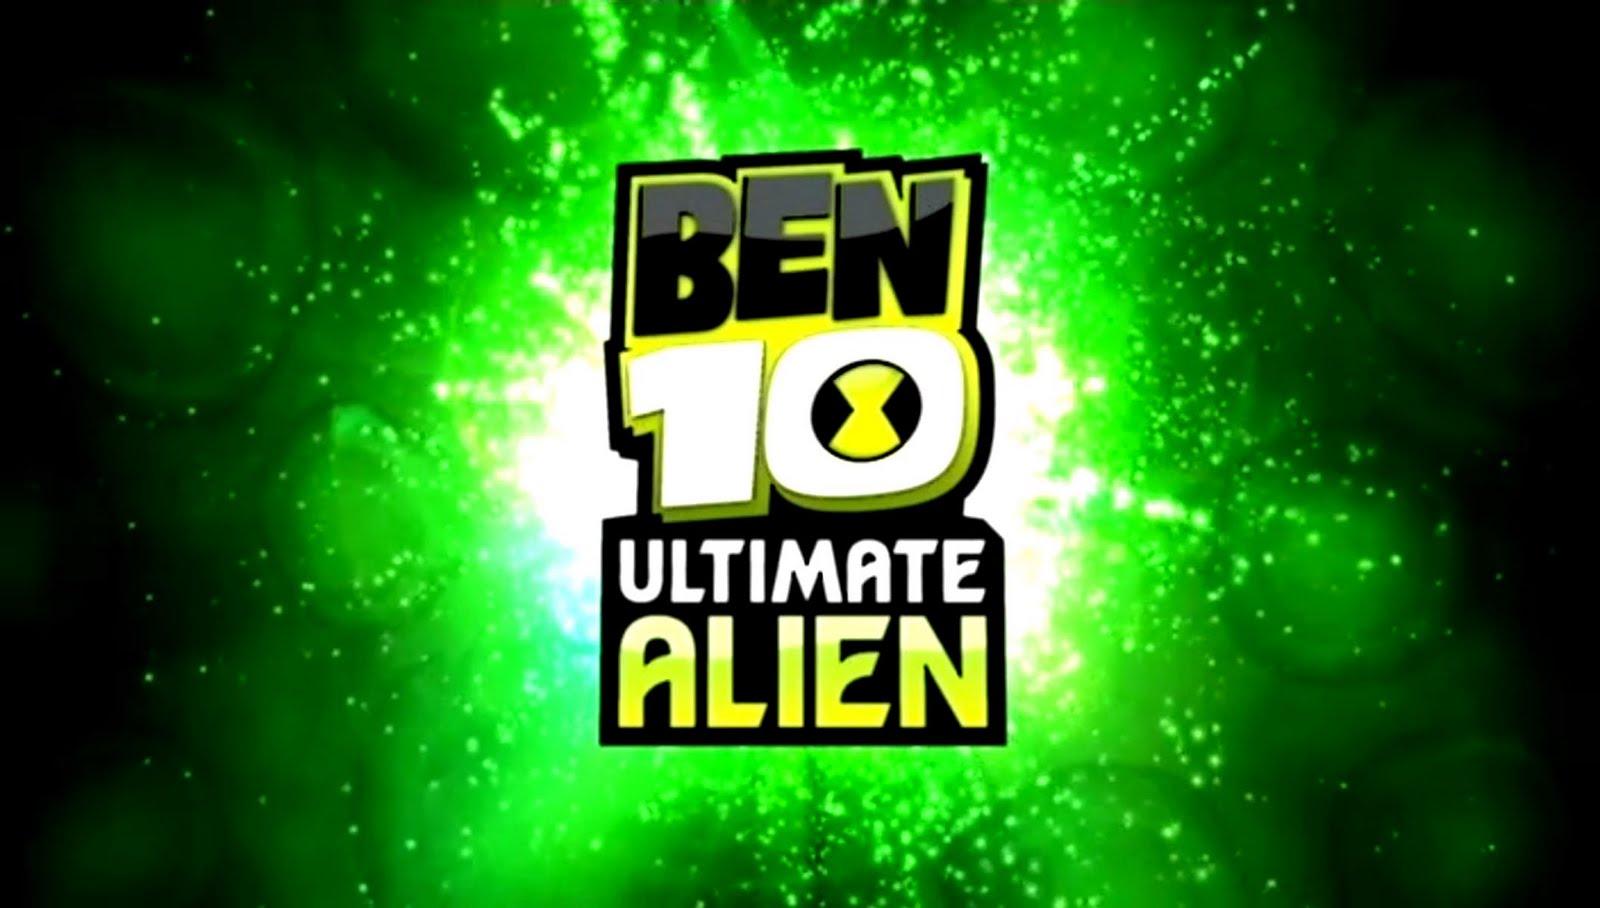 Ben 10 Ultimate Alien Hd Desktop Wallpapers Cartoon Wallpapers